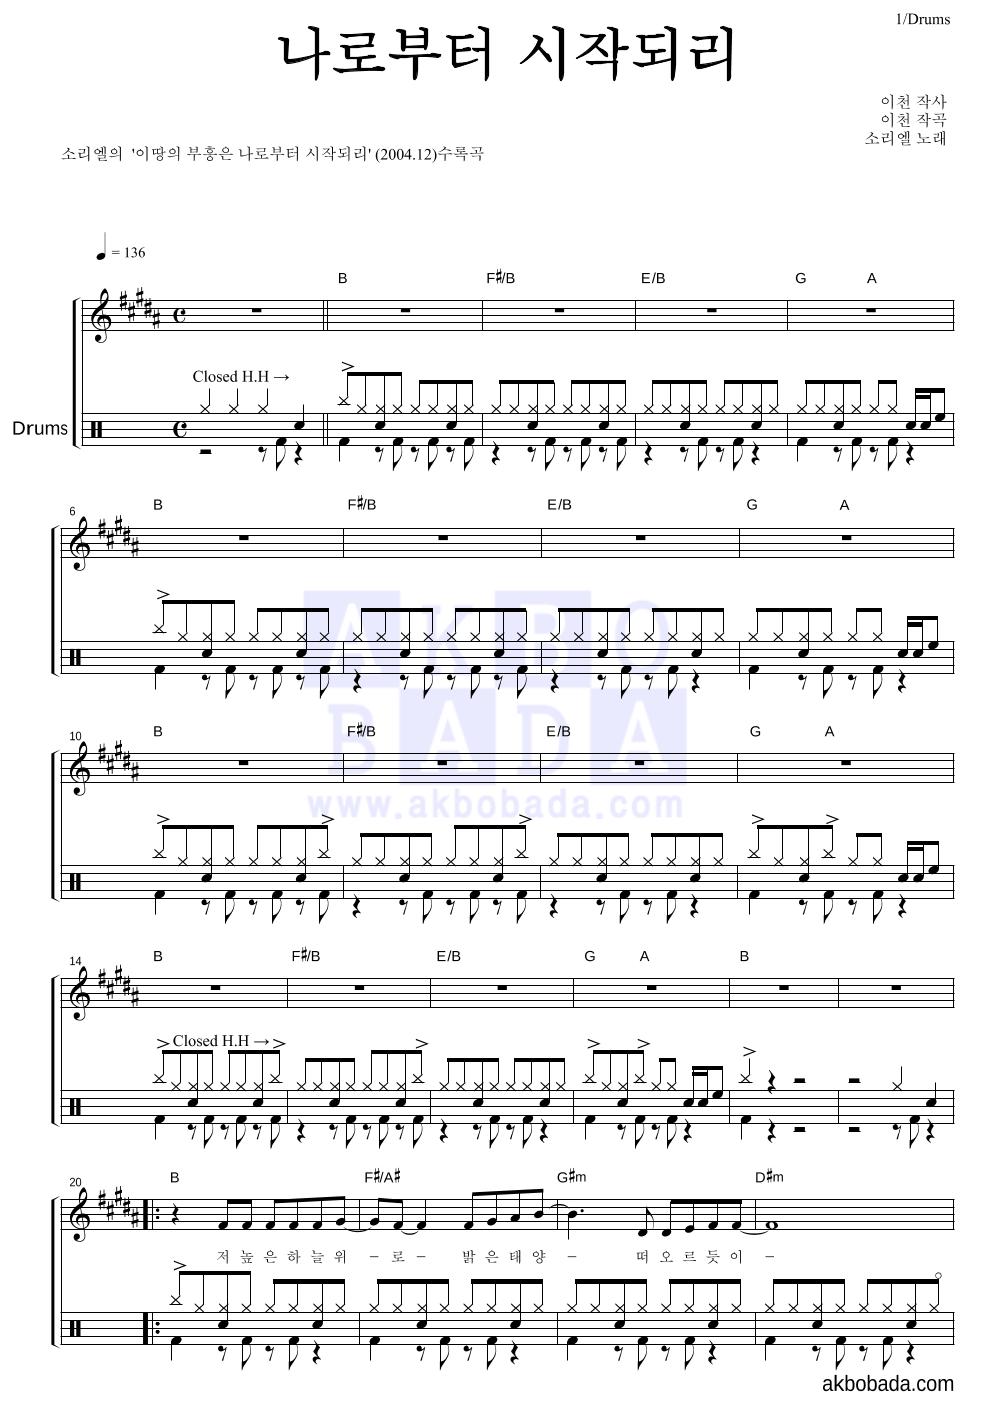 소리엘 - 나로부터 시작되리 드럼 악보